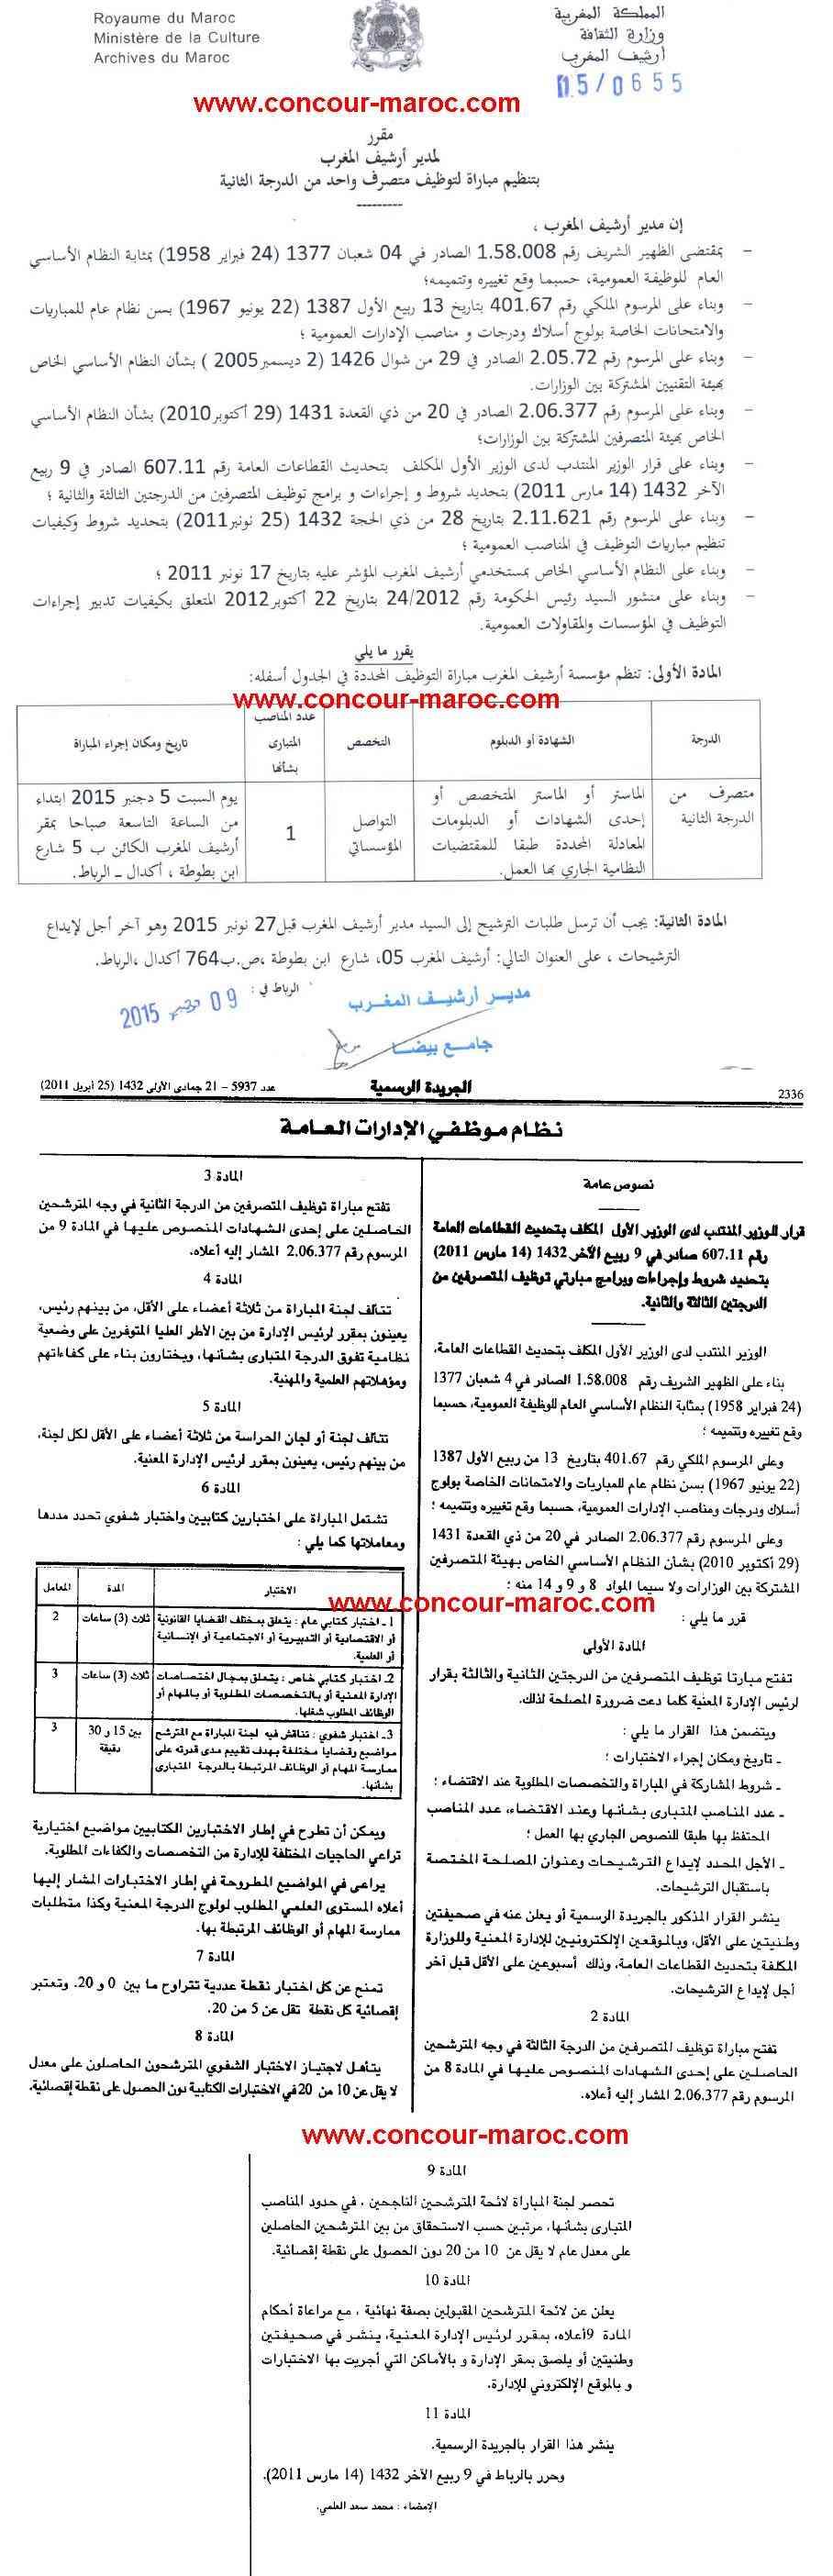 أرشيف المغرب : مباراة لتوظيف متصرف من الدرجة الثانية ~ سلم 11 (1 منصب) آخر أجل لإيداع الترشيحات 27 نونبر 2015 Concou70